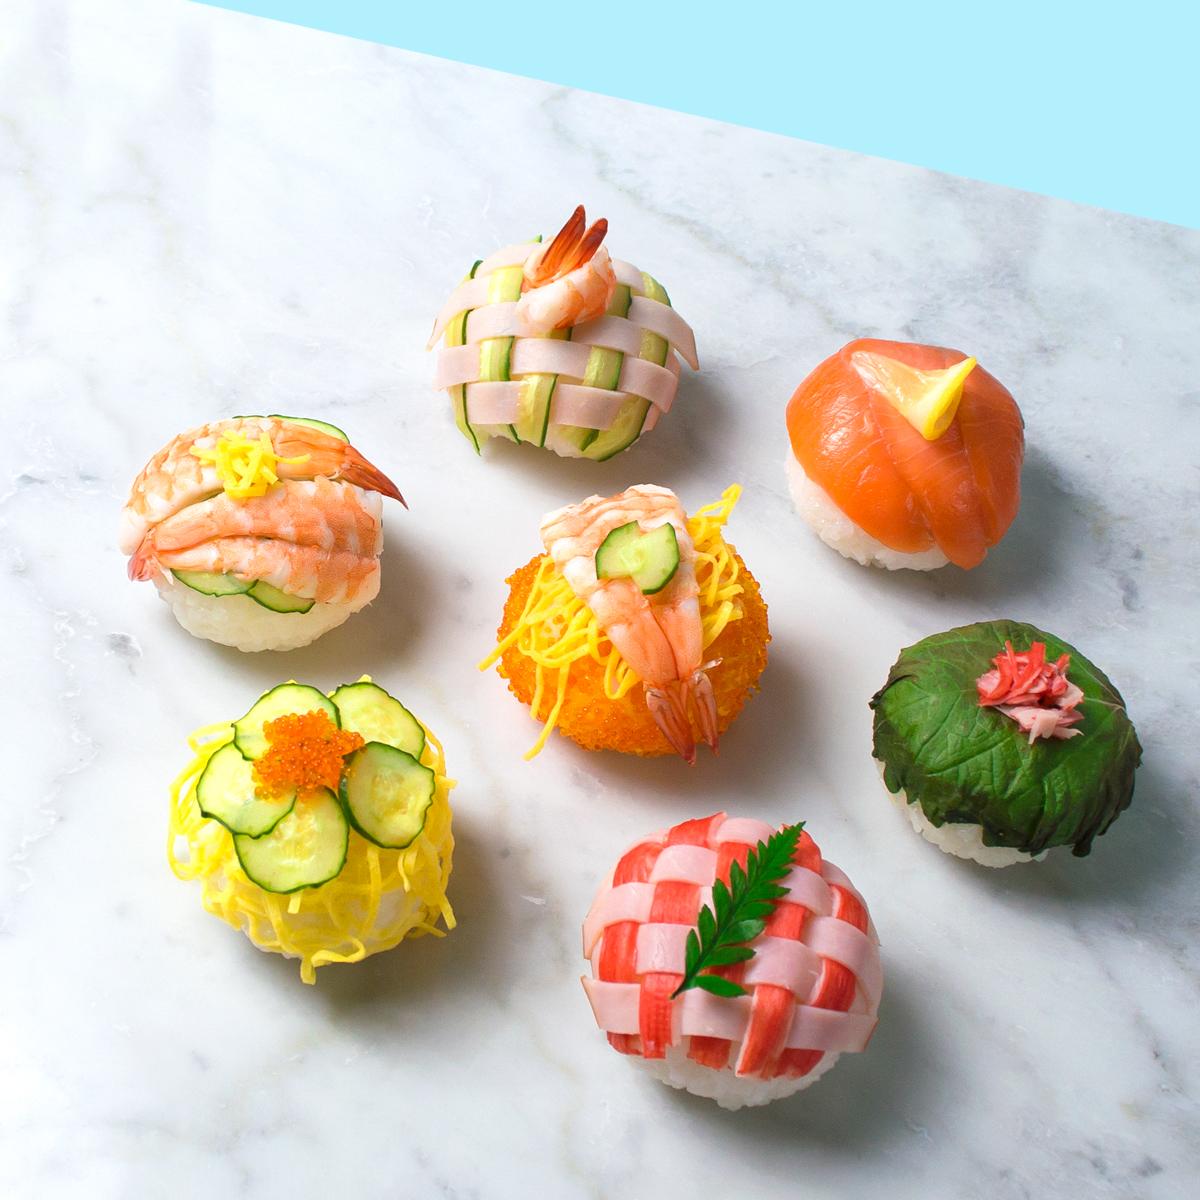 <center>サランラップで簡単!パーティー手まり寿司の作り方 <br><small>Japanese Temari sushi</small></center>